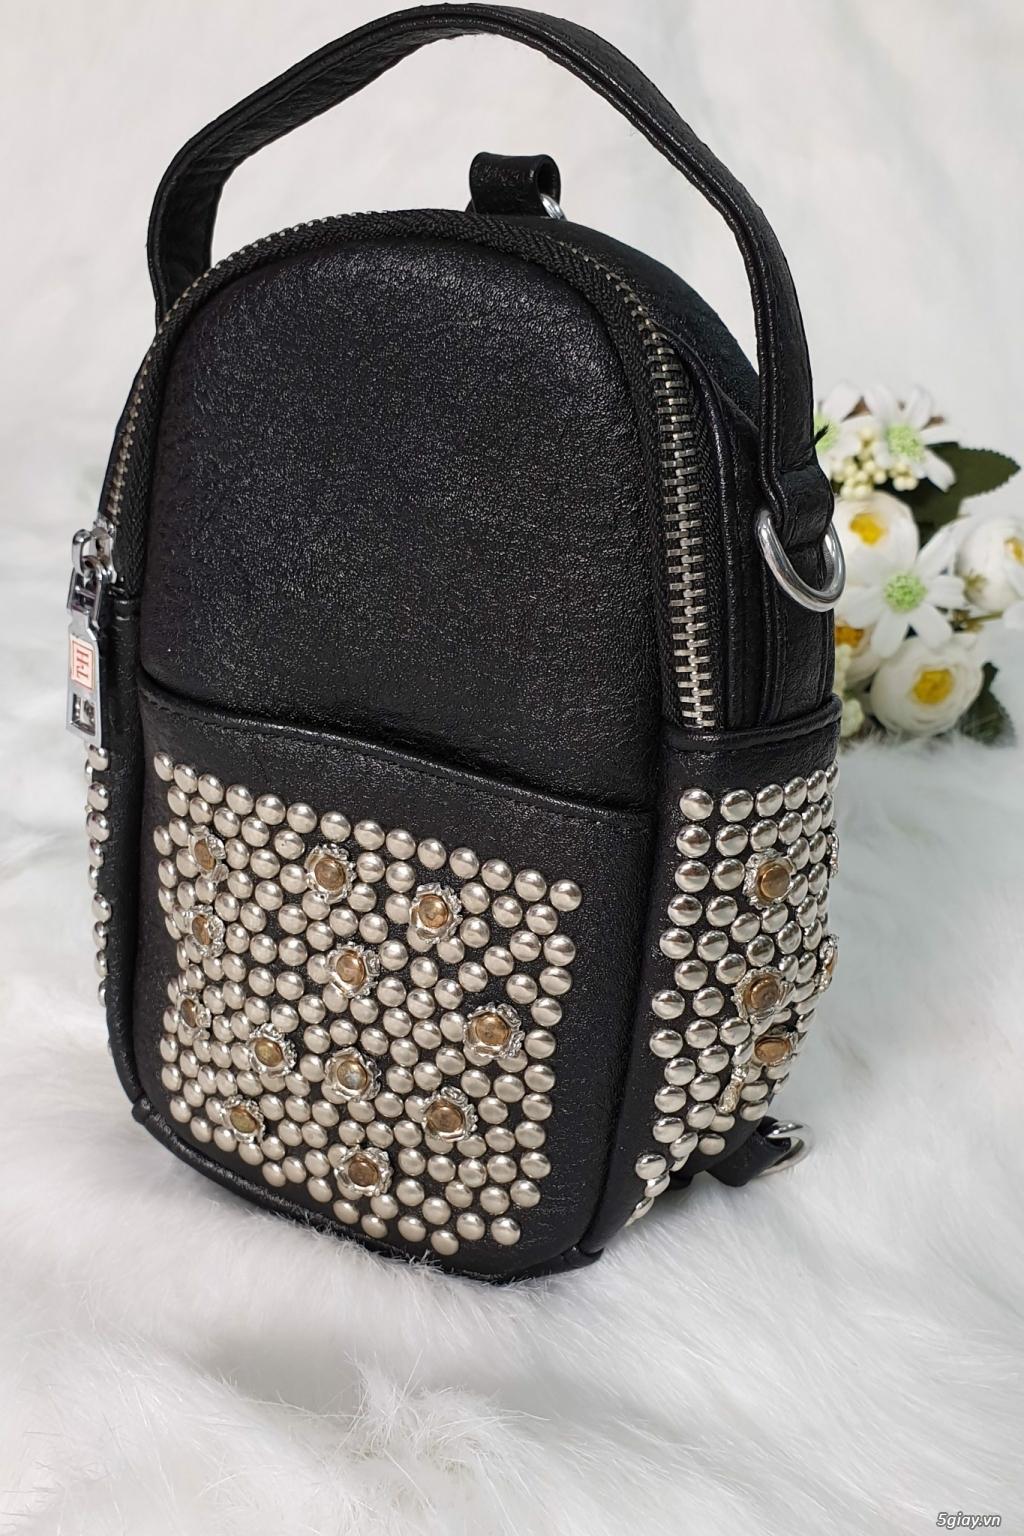 Wal House Fashion - Bóp ví túi xách thời trang - Giá ưu đãi - 11